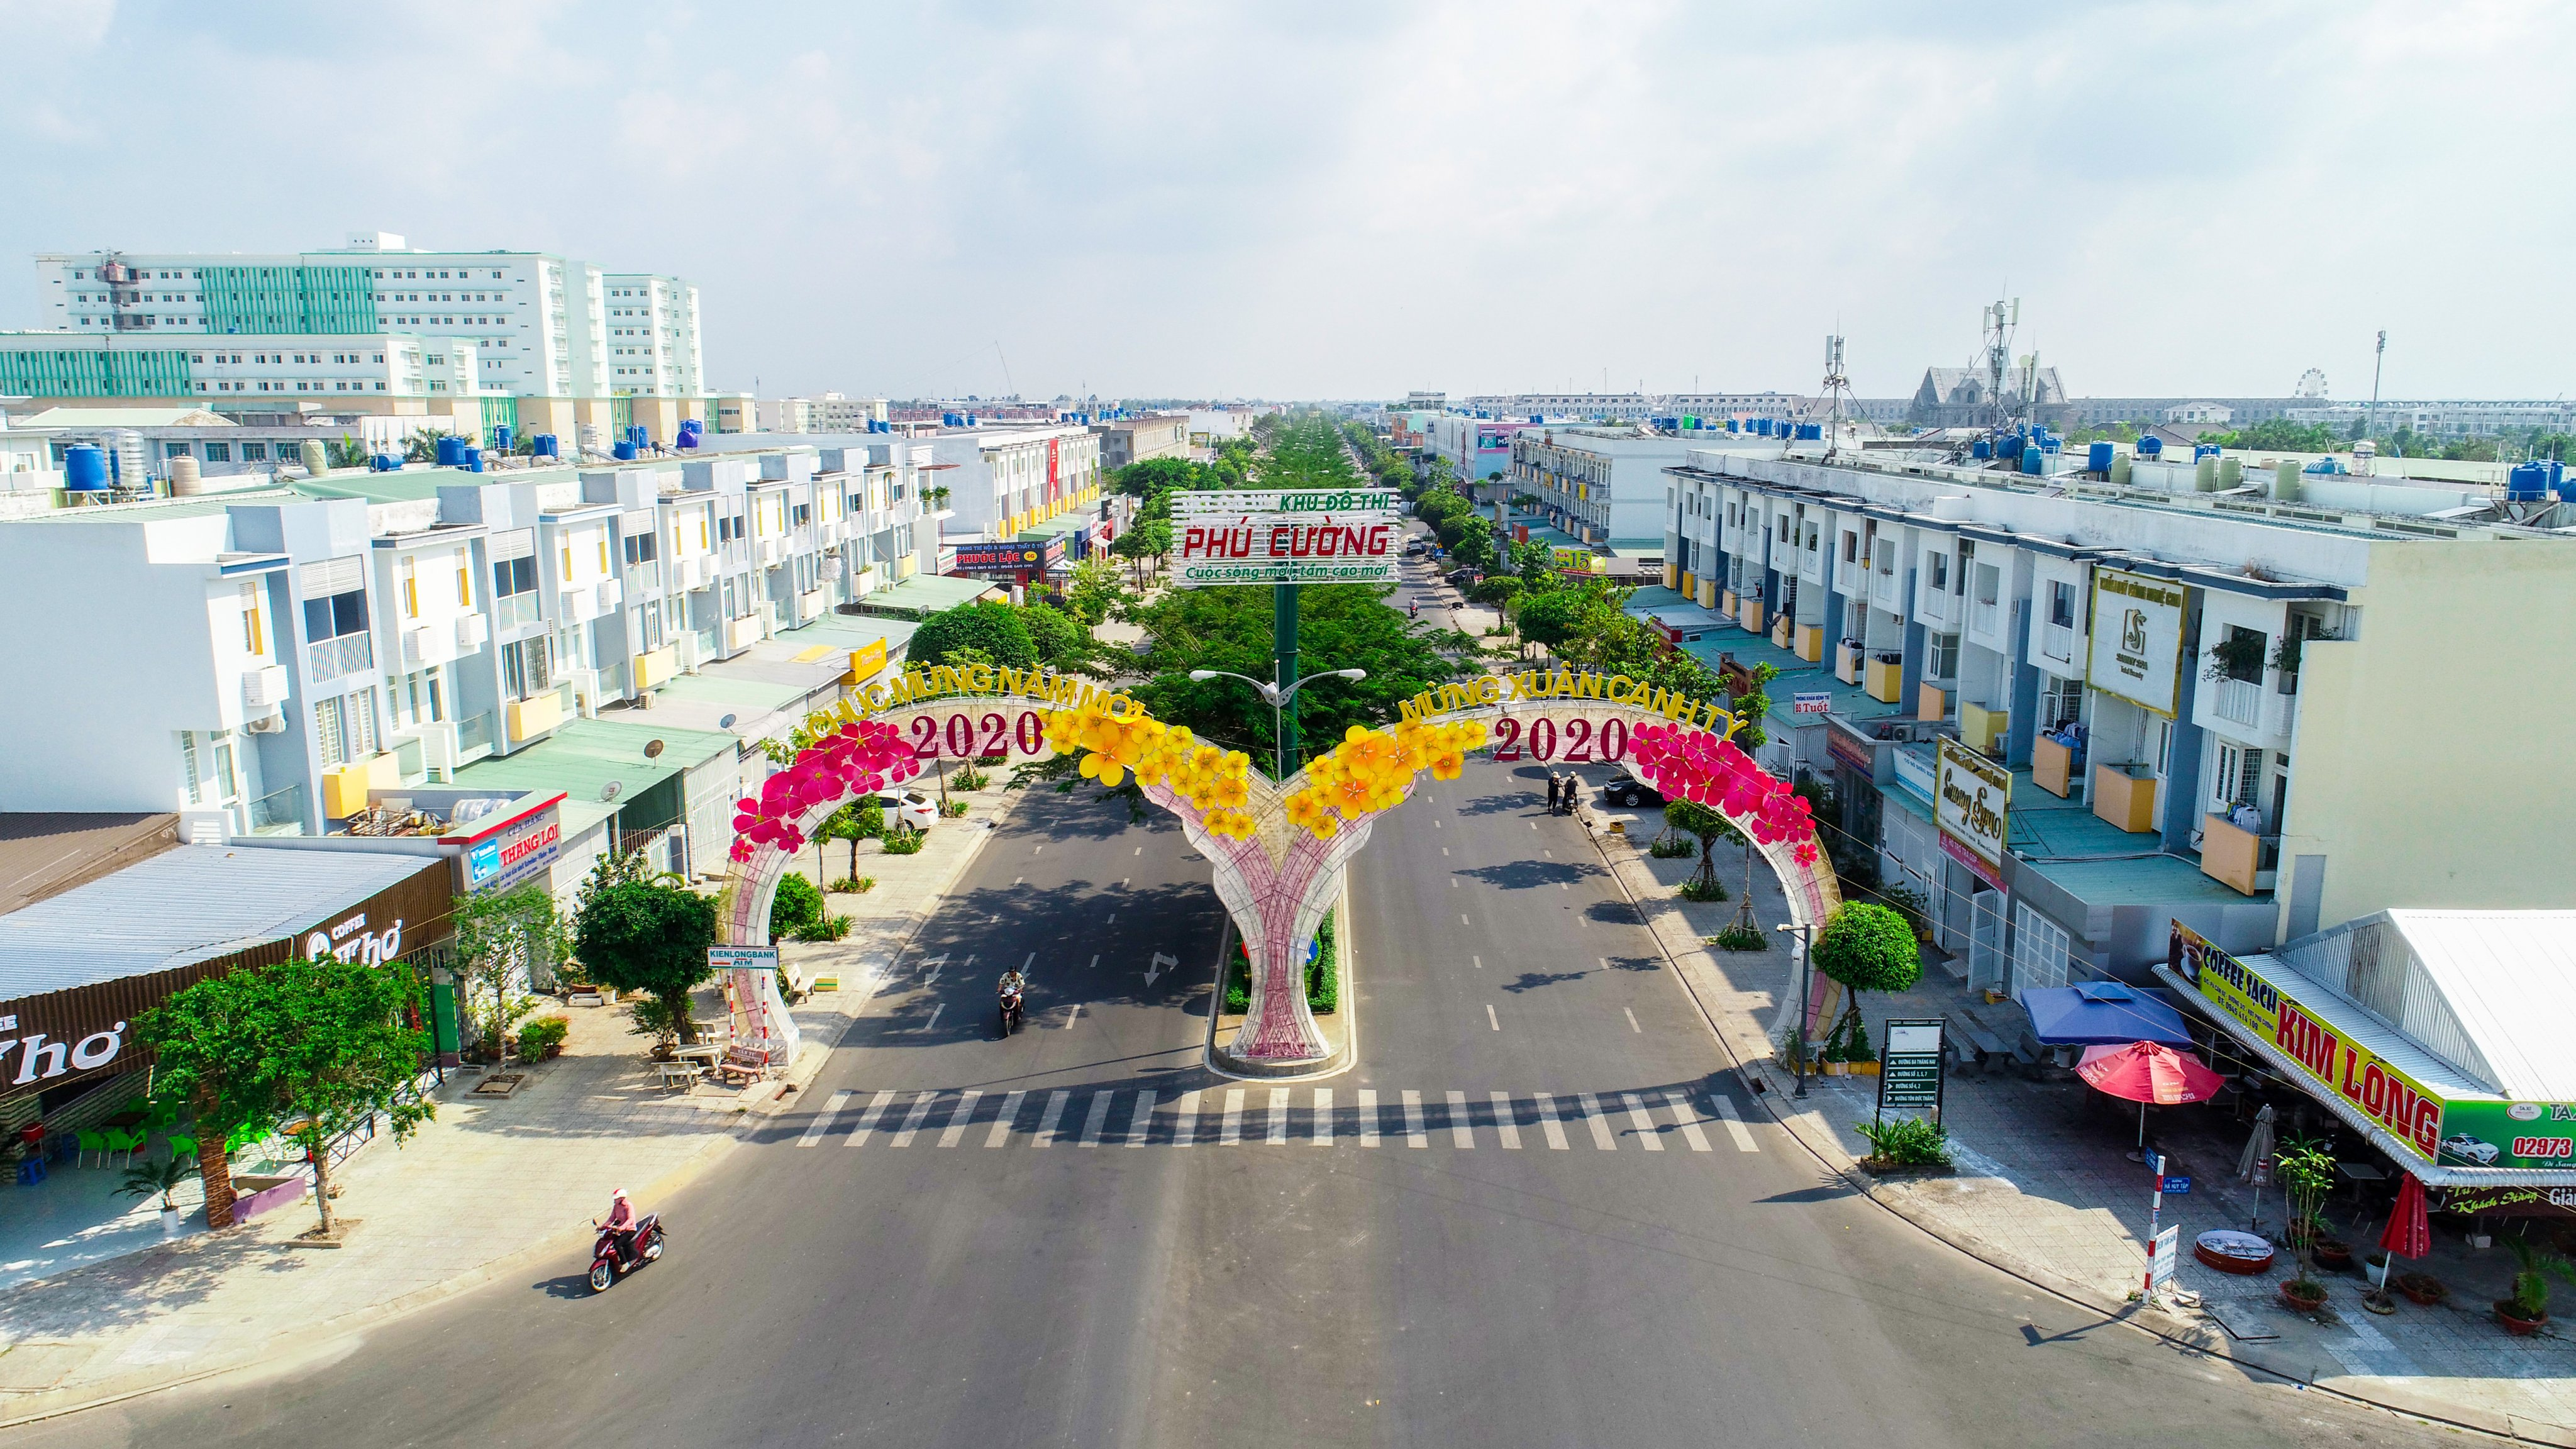 KĐT Phú Cường – Thành phố Rạch Giá rực rỡ sắc màu đón chào năm mới 2020